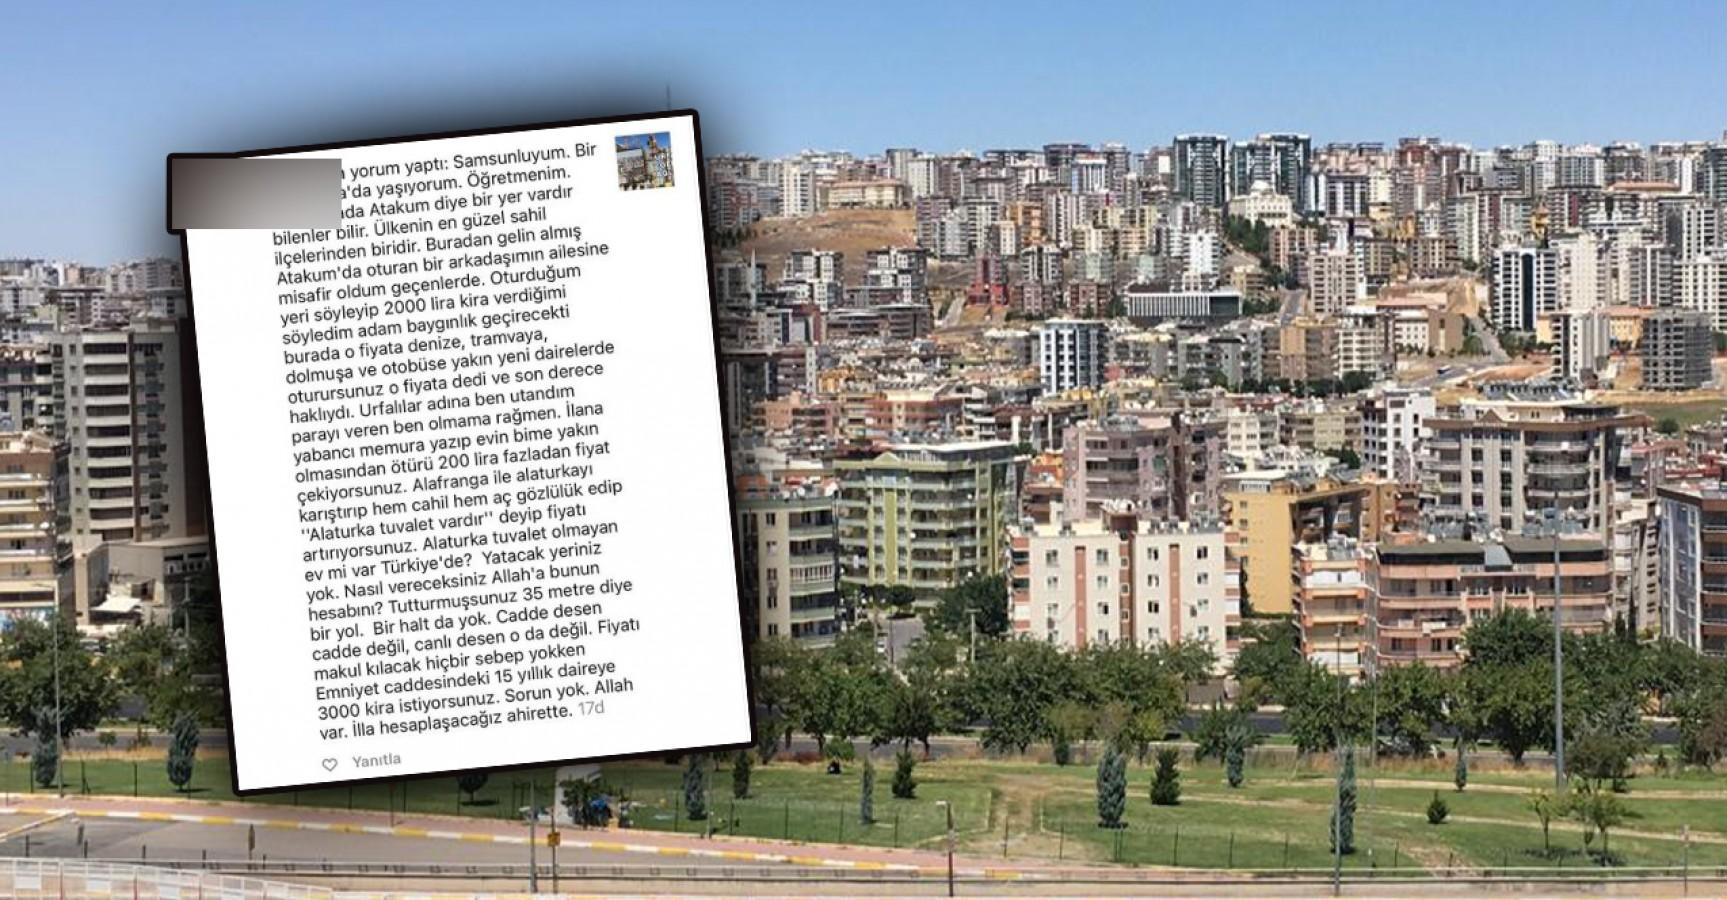 Samsunlu öğretmen Urfa'daki kira fiyatlarına isyan etti!